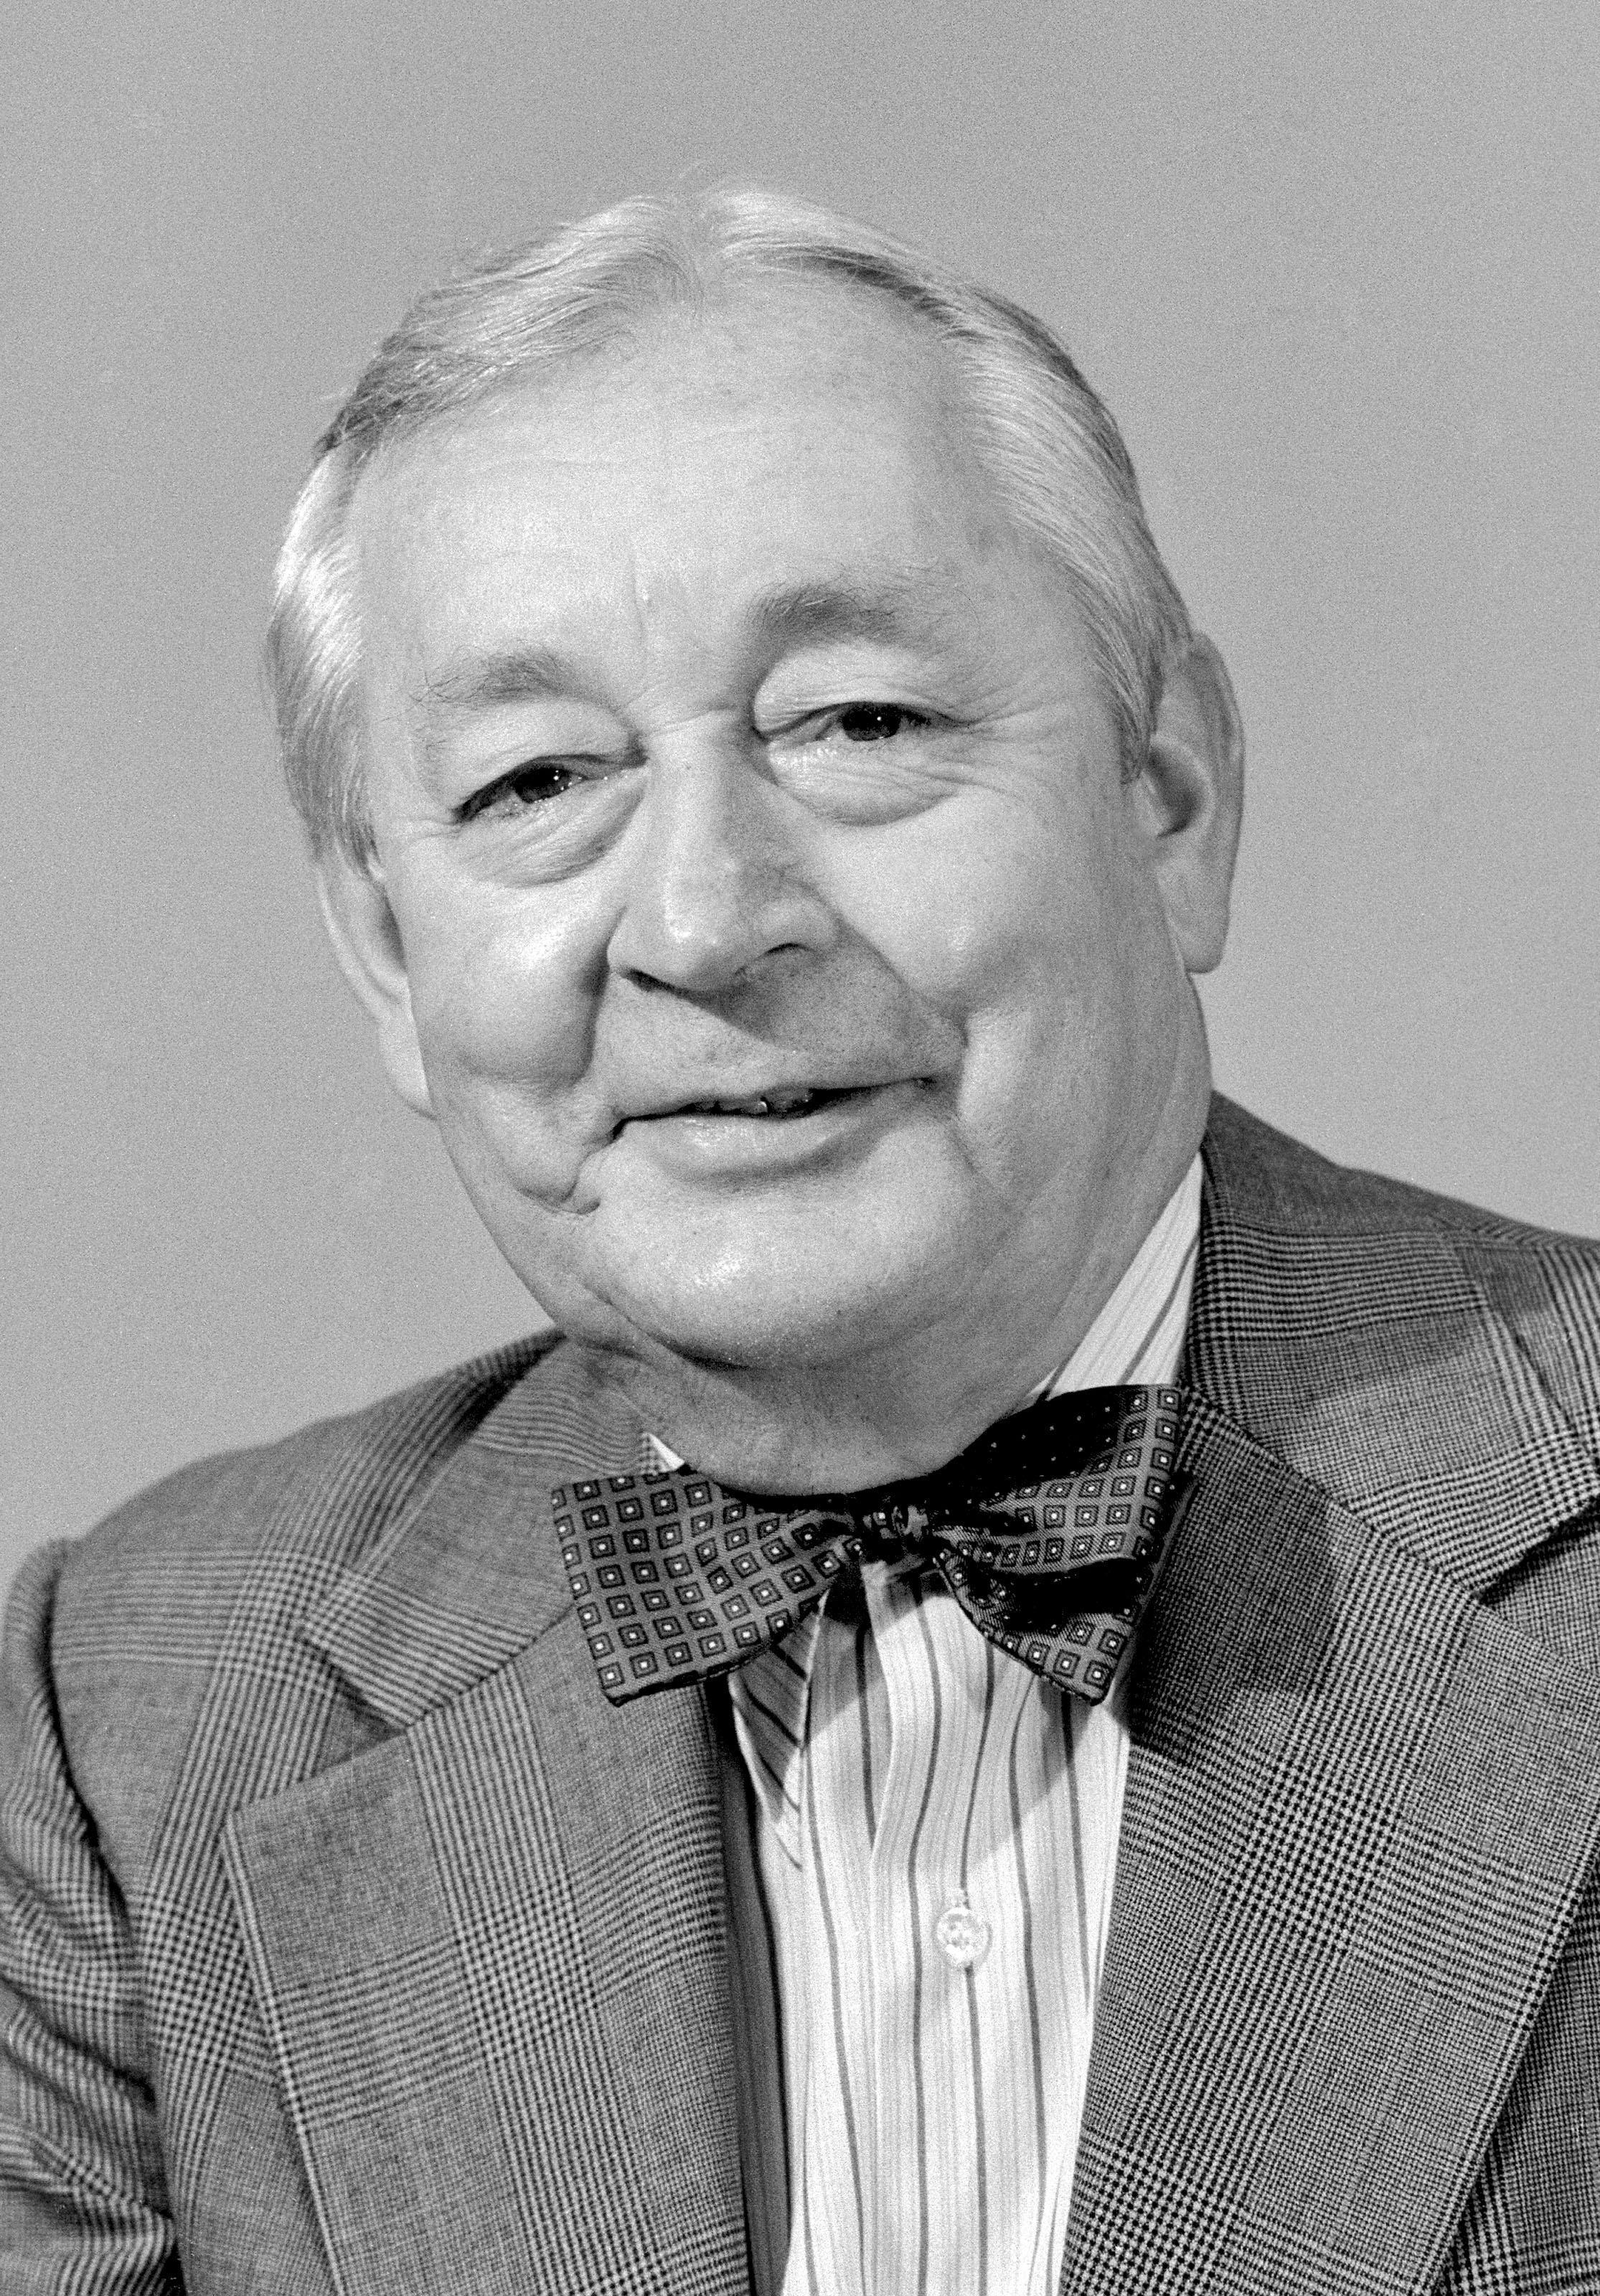 Ernest E. Williams